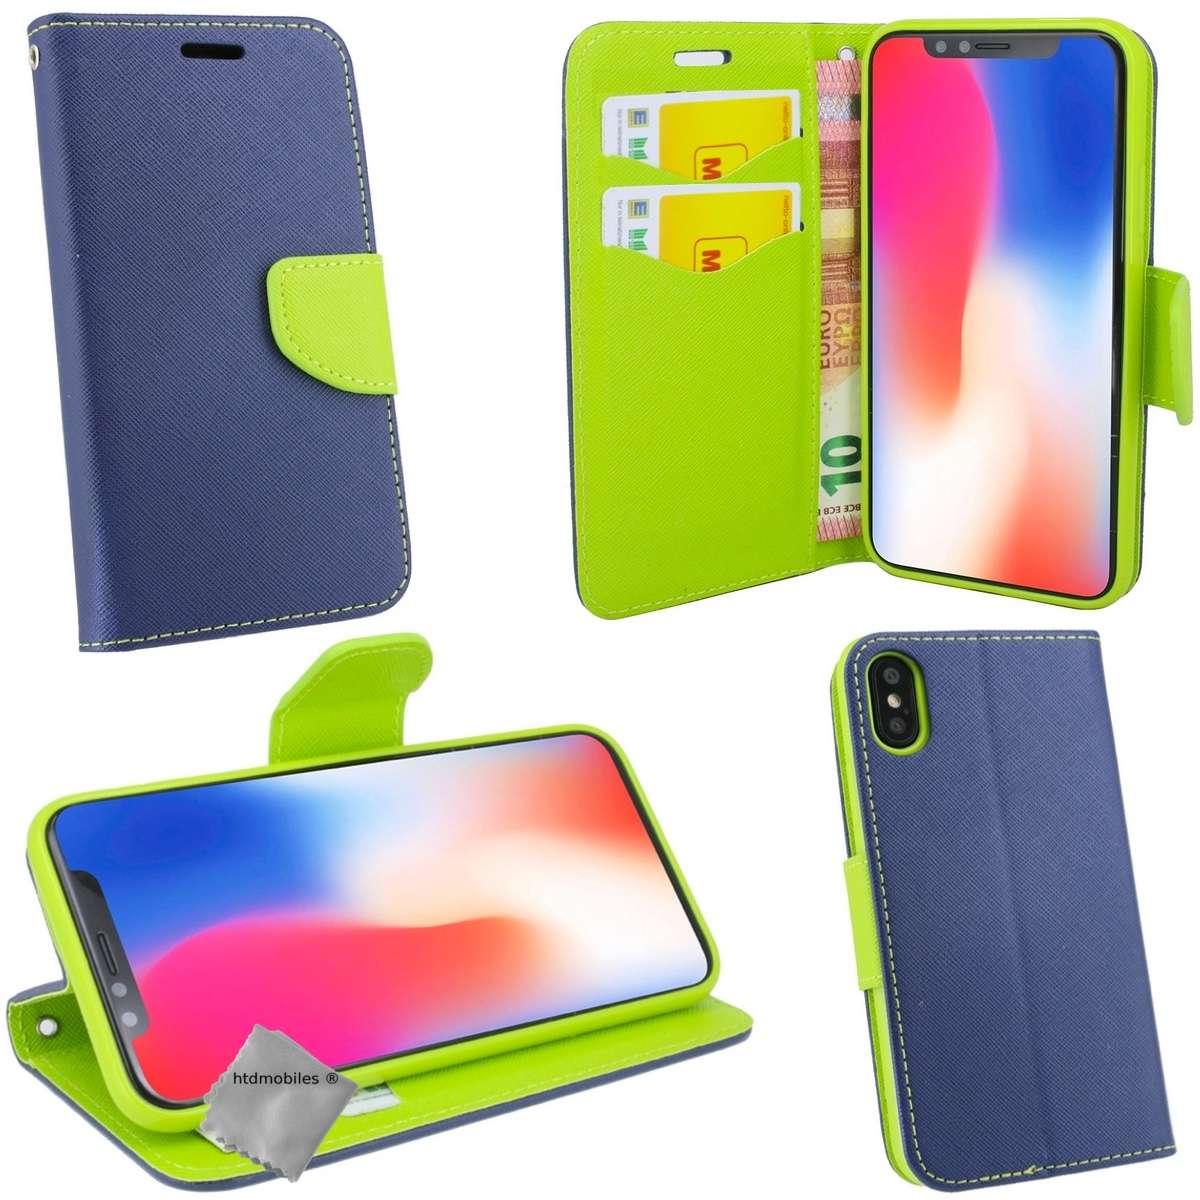 Housse-etui-coque-pochette-portefeuille-pour-Apple-iPhone-X-verre-trempe